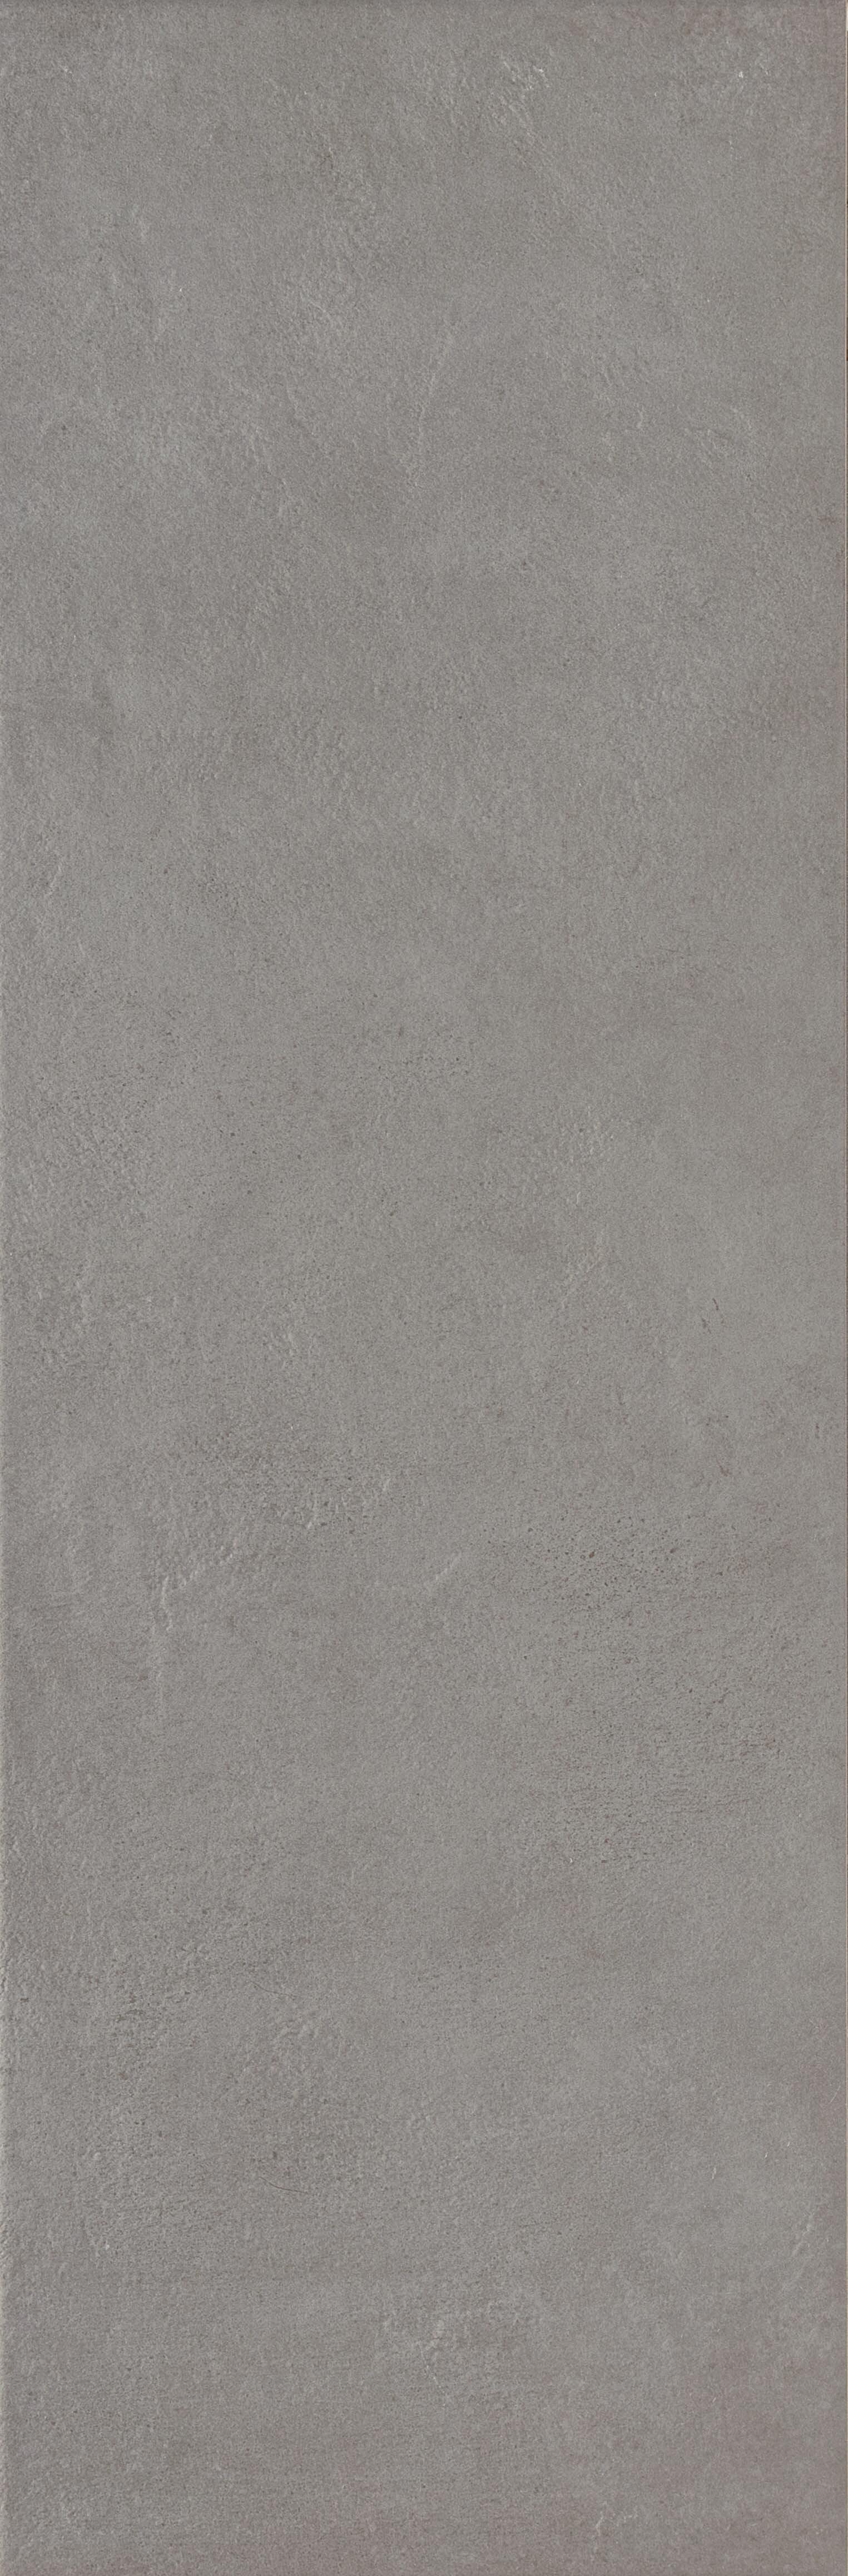 Piastrella per rivestimenti Atelier 25 x 76 cm sp. 10 mm antracite - 2